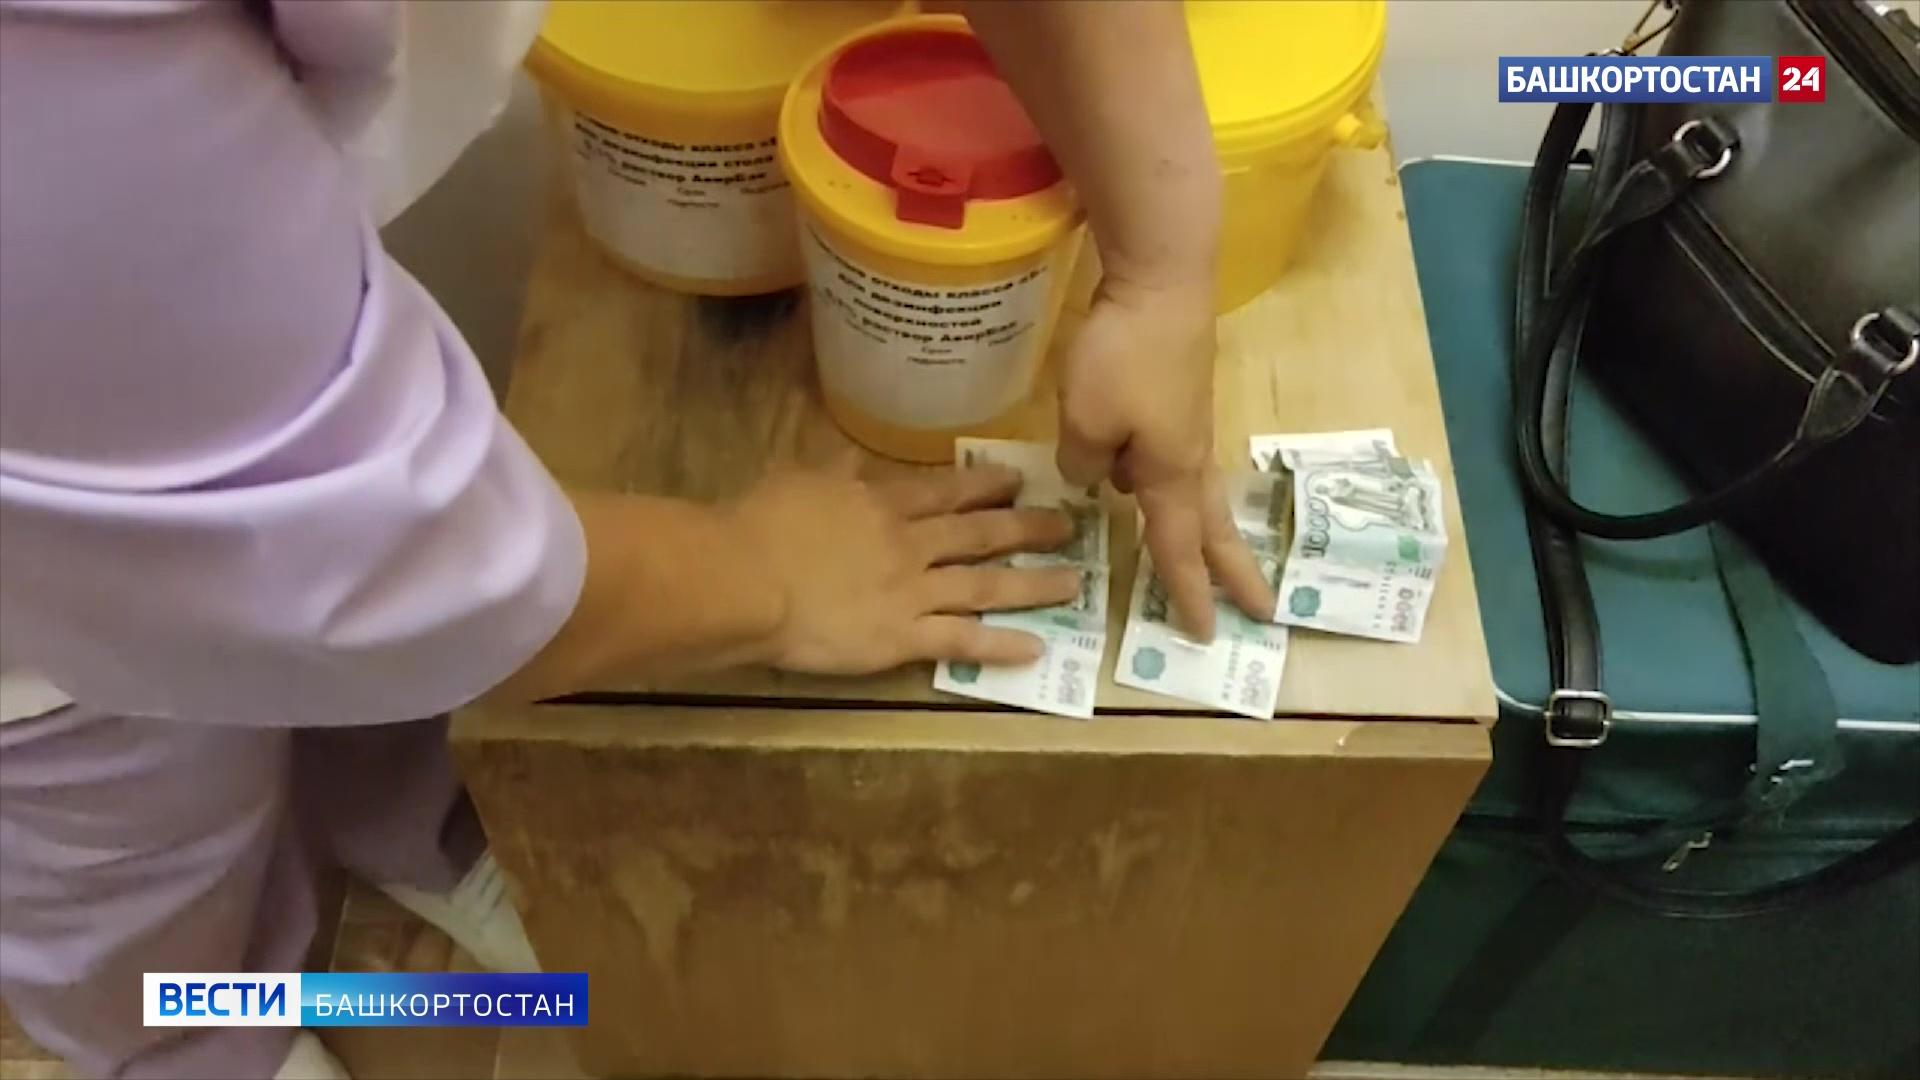 Появилось видео задержания медиков в Башкирии, продававших сертификаты о вакцинации COVID-19